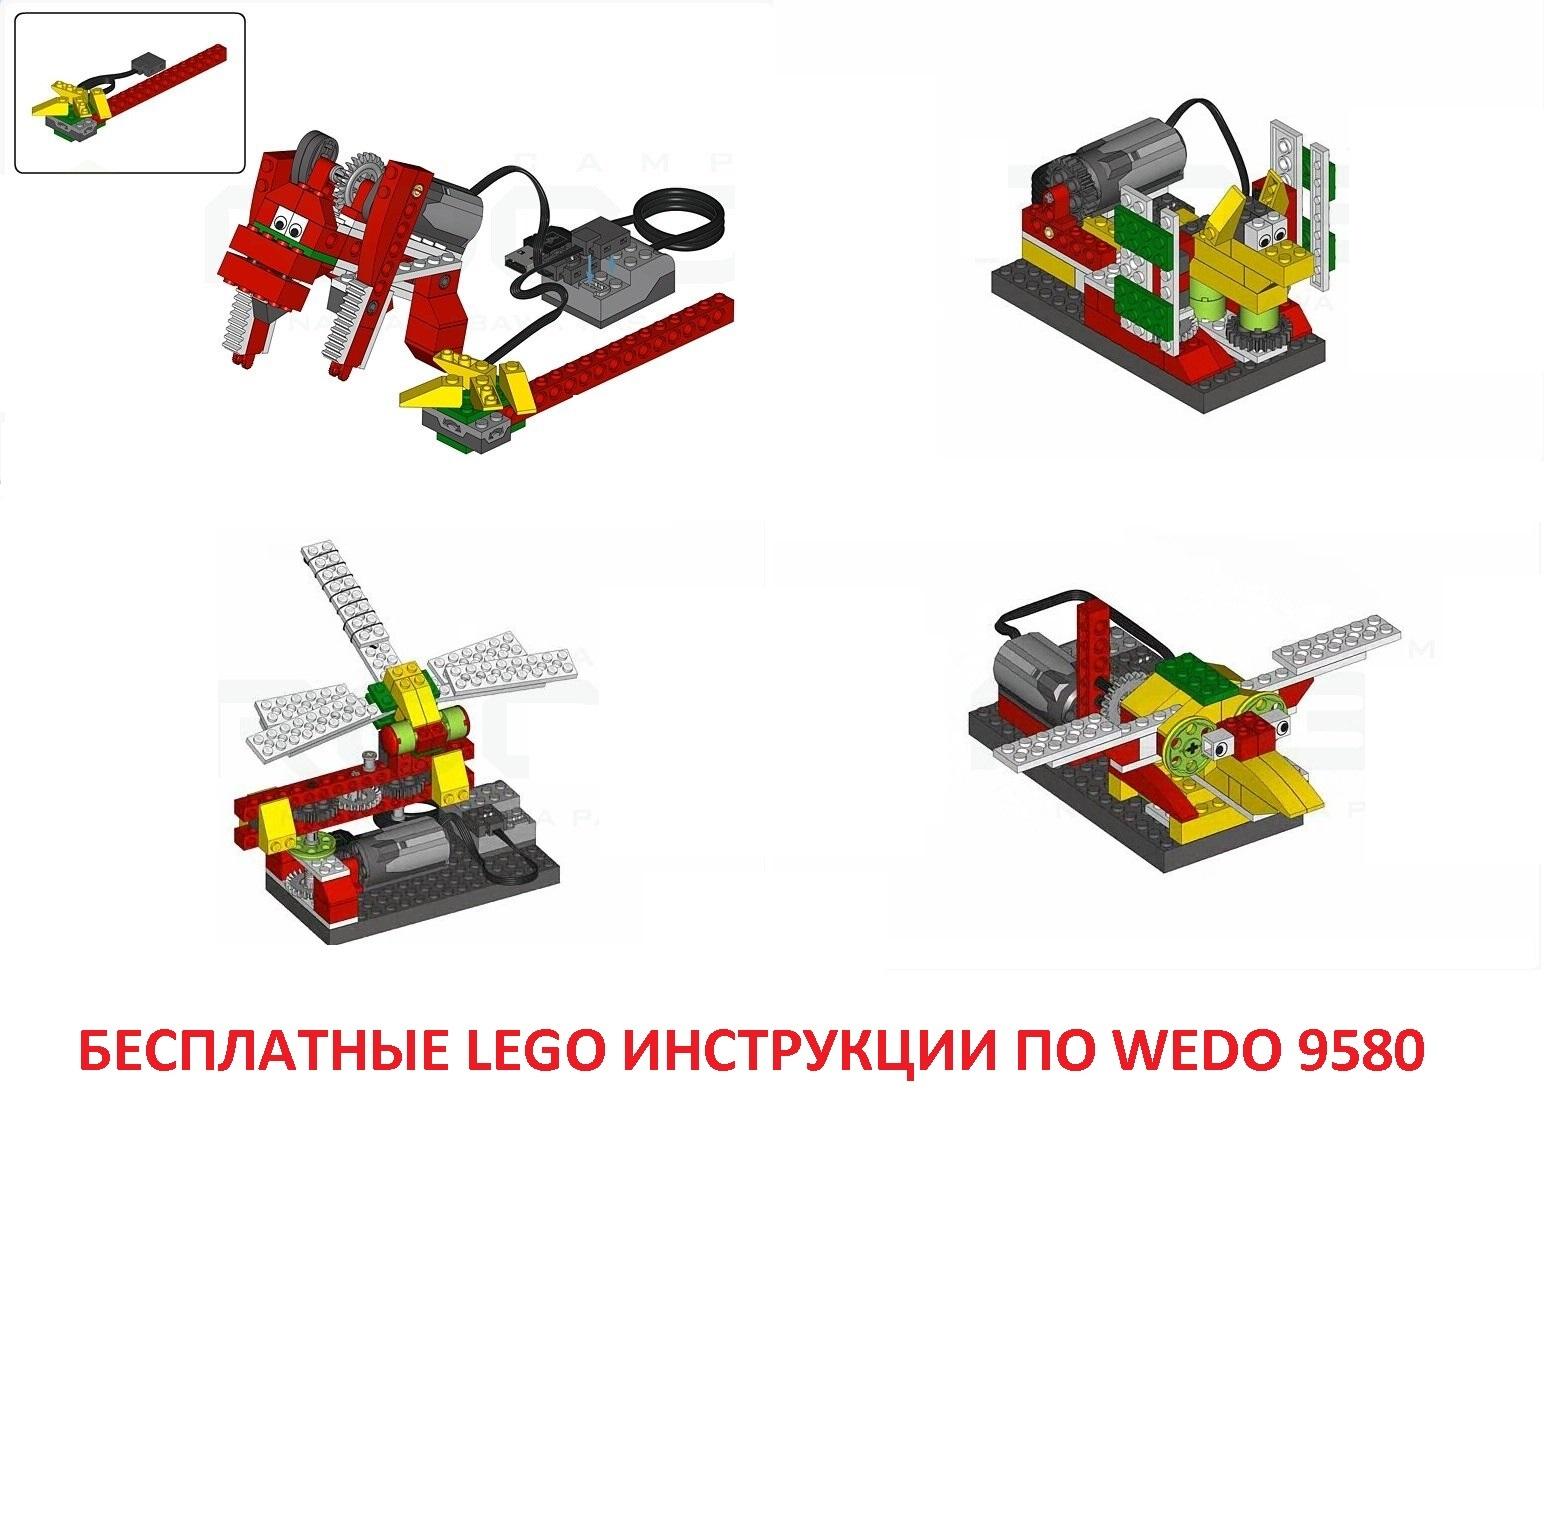 бесплатные инструкции по lego wedo 9580